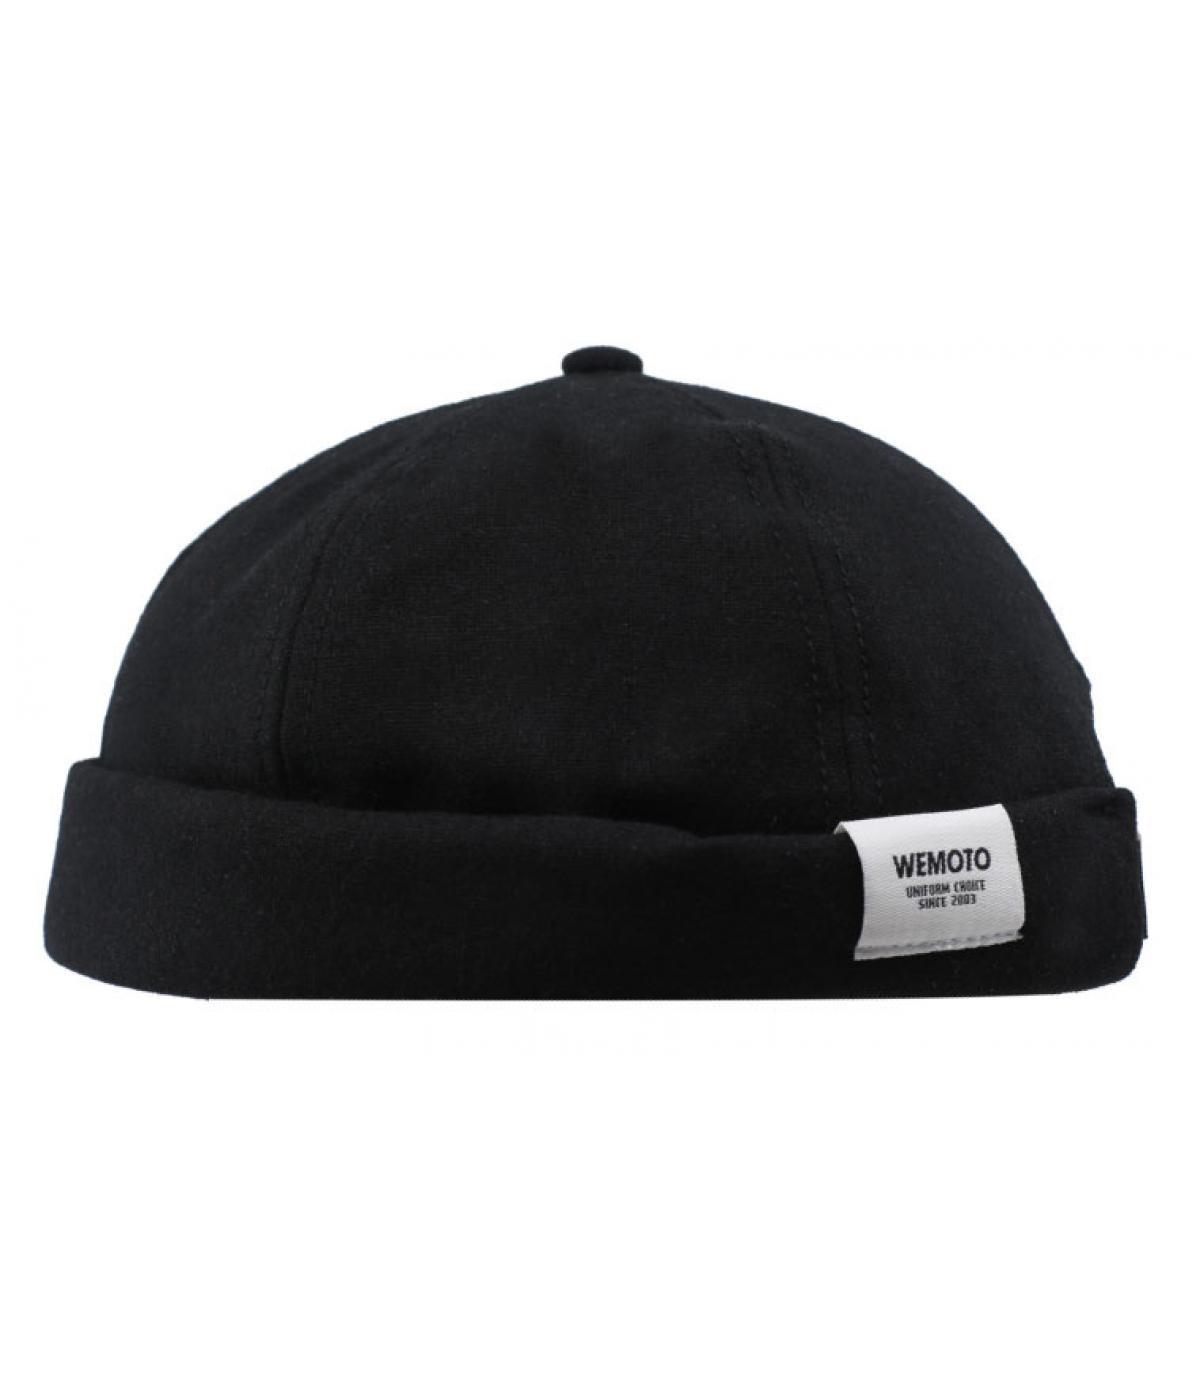 bonnet docker noir Wemoto